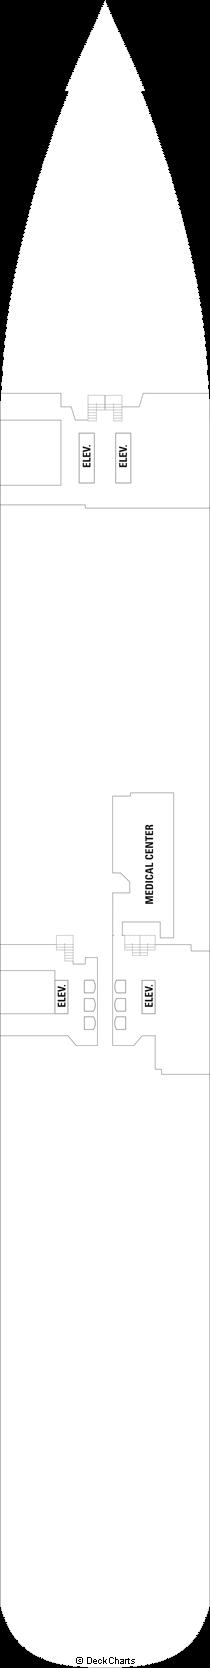 Quantum of the Seas: Deck 2